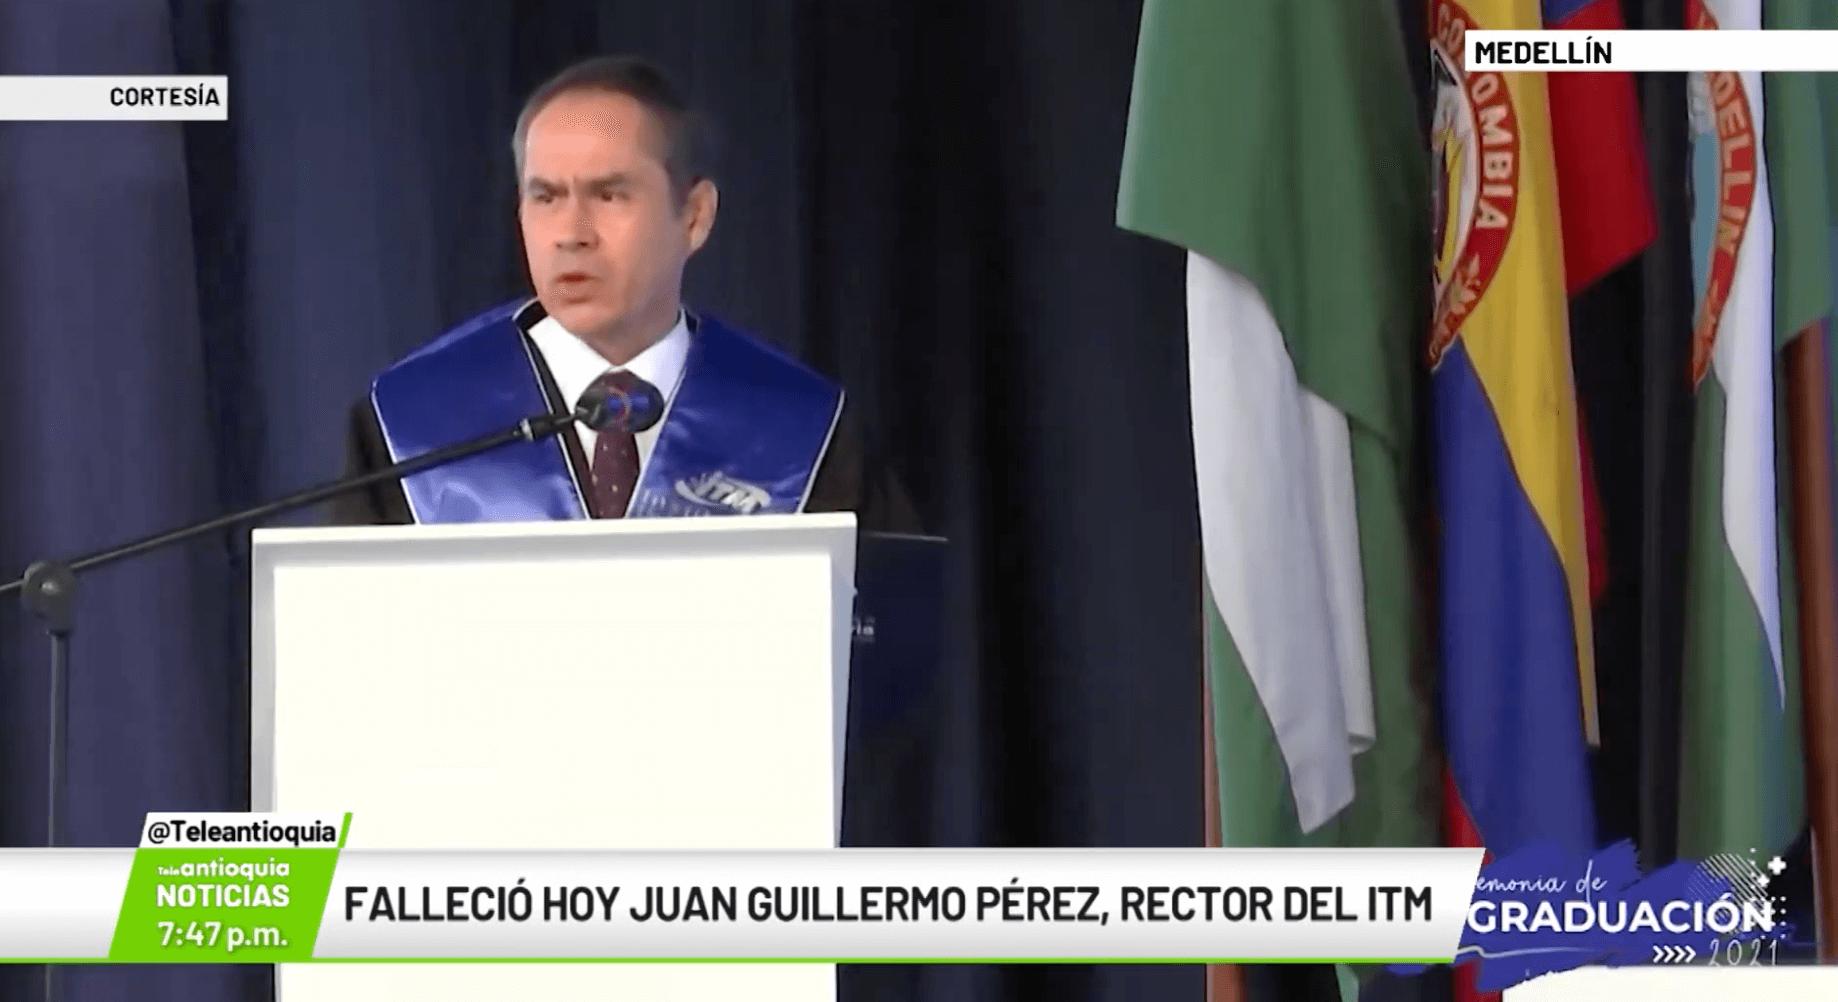 Falleció Juan Guillermo Pérez, rector de ITM